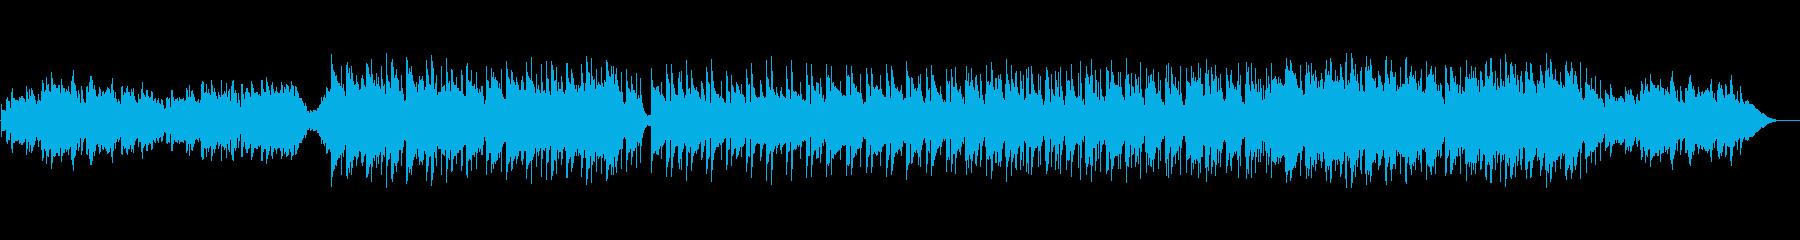 伝統的な和風継承寂しげなBGMの再生済みの波形